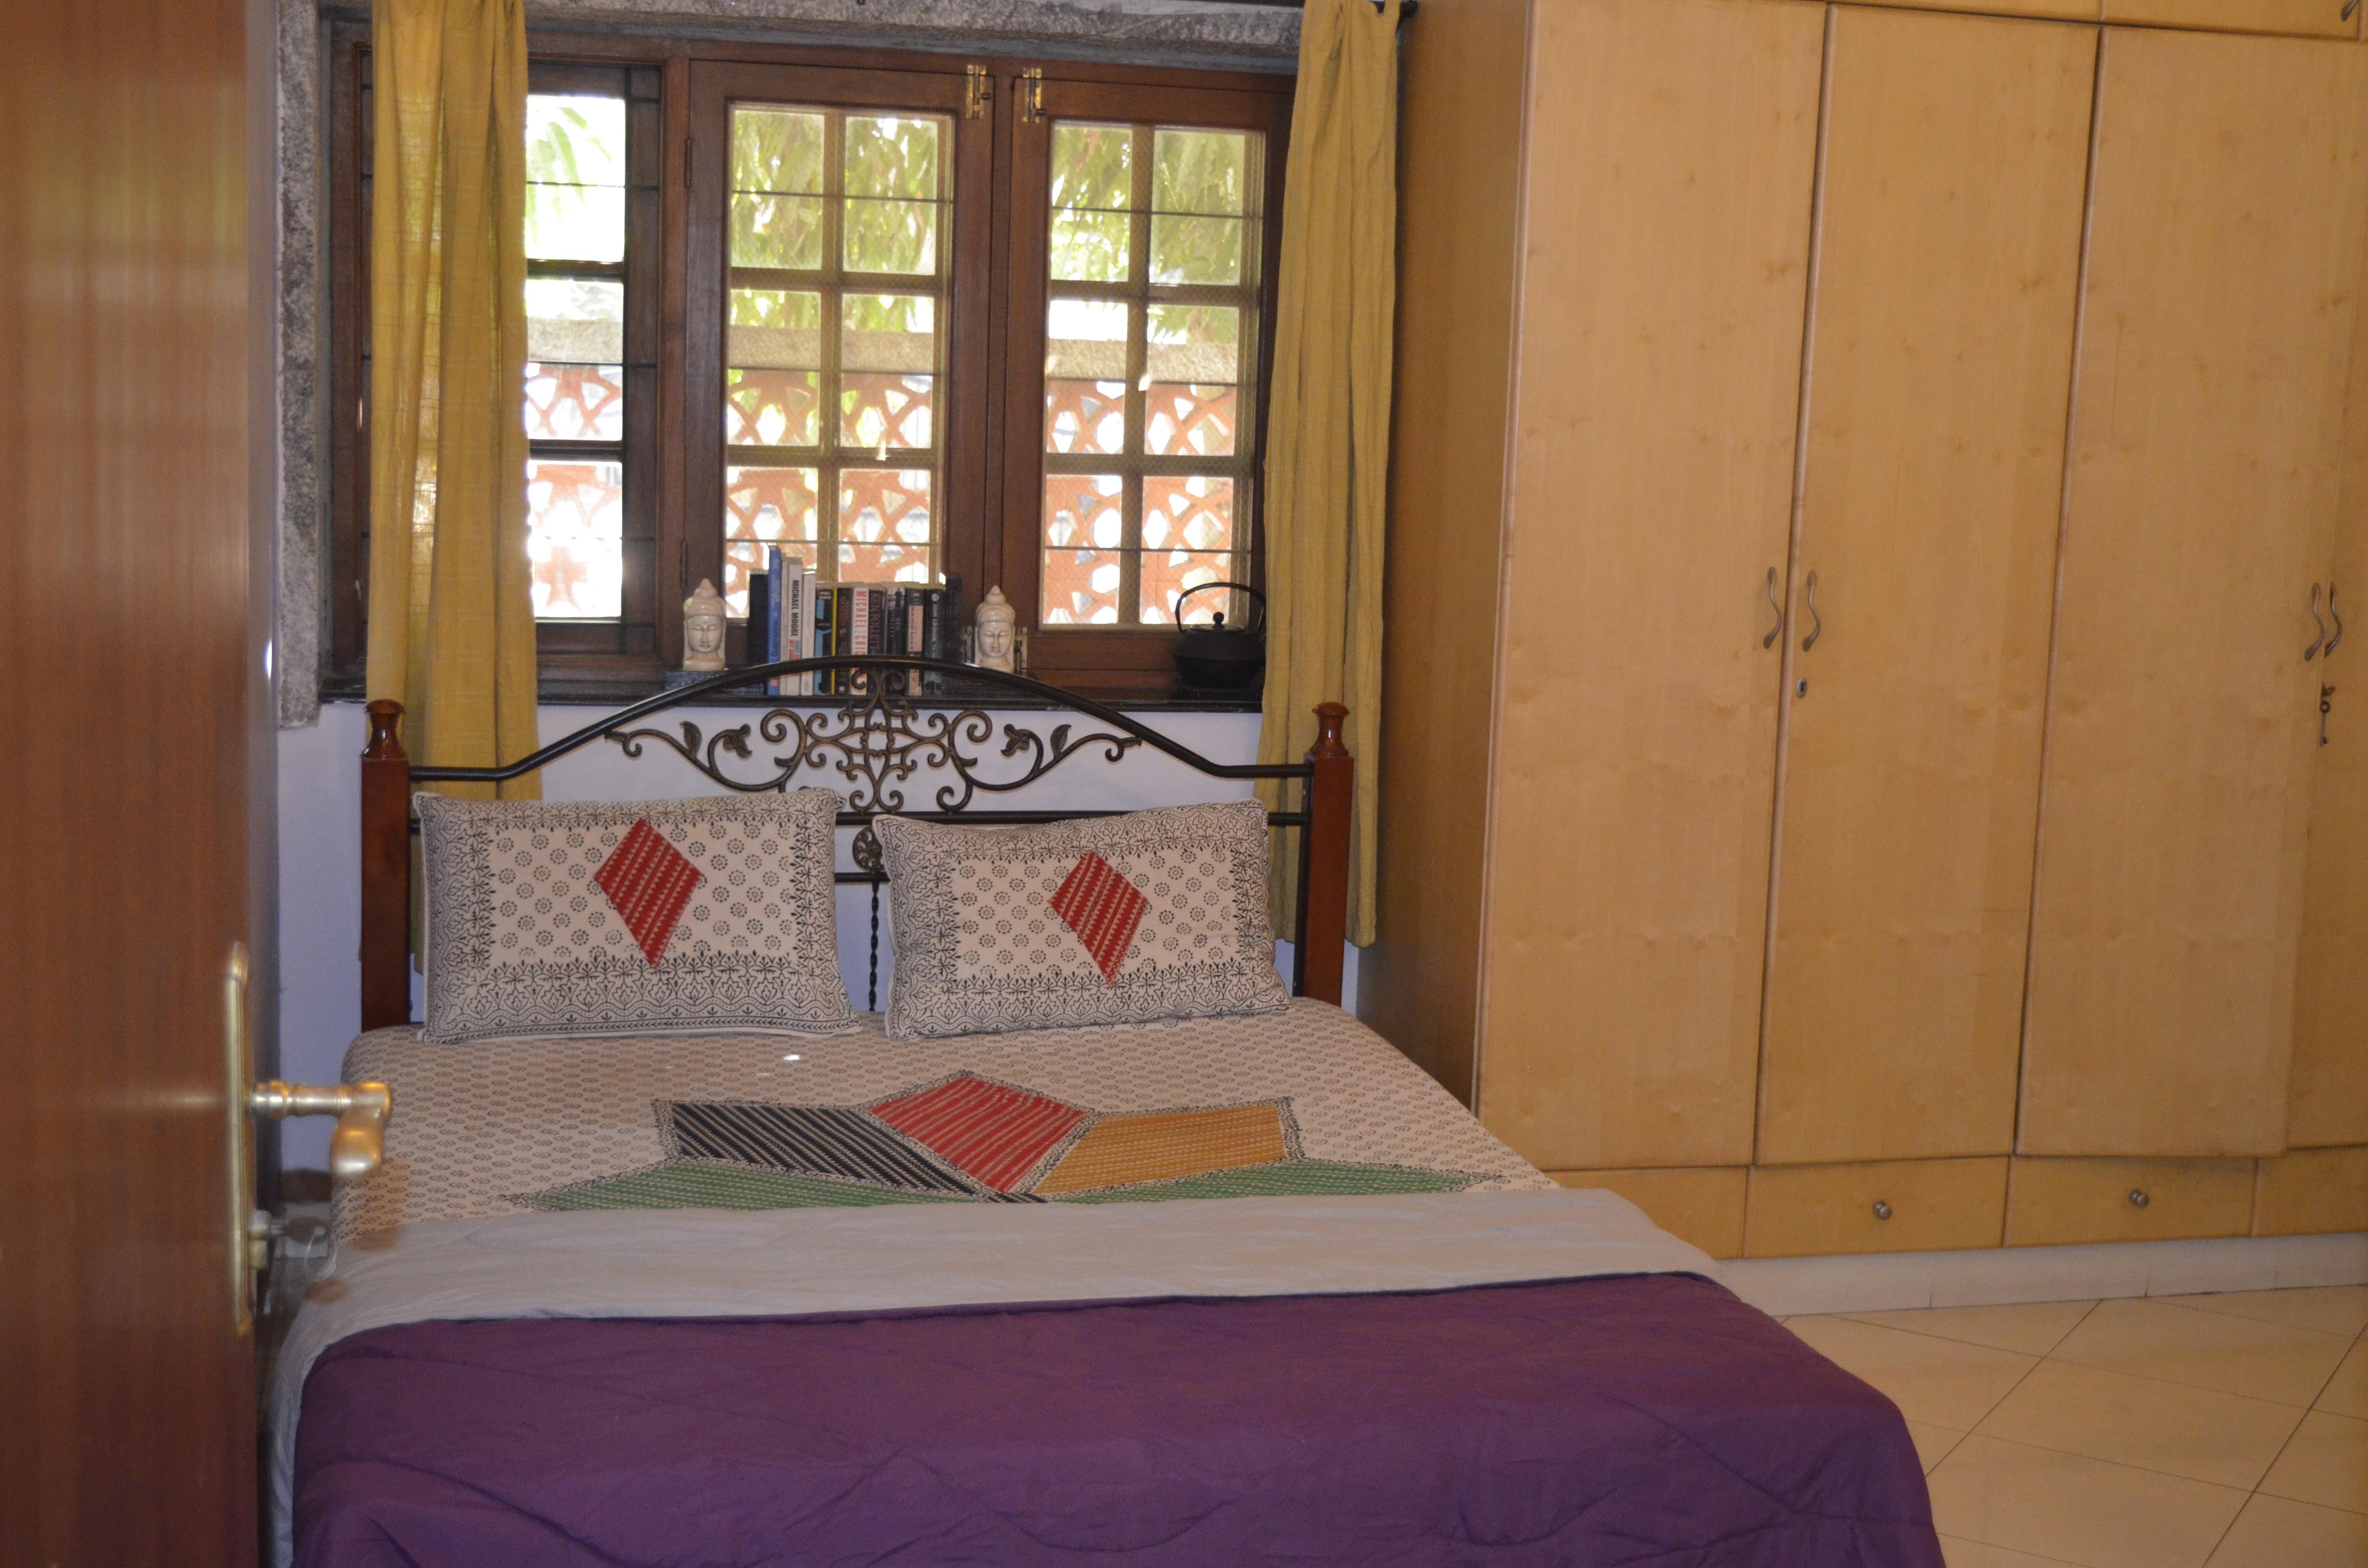 Casabianca - Your cozy bedroom